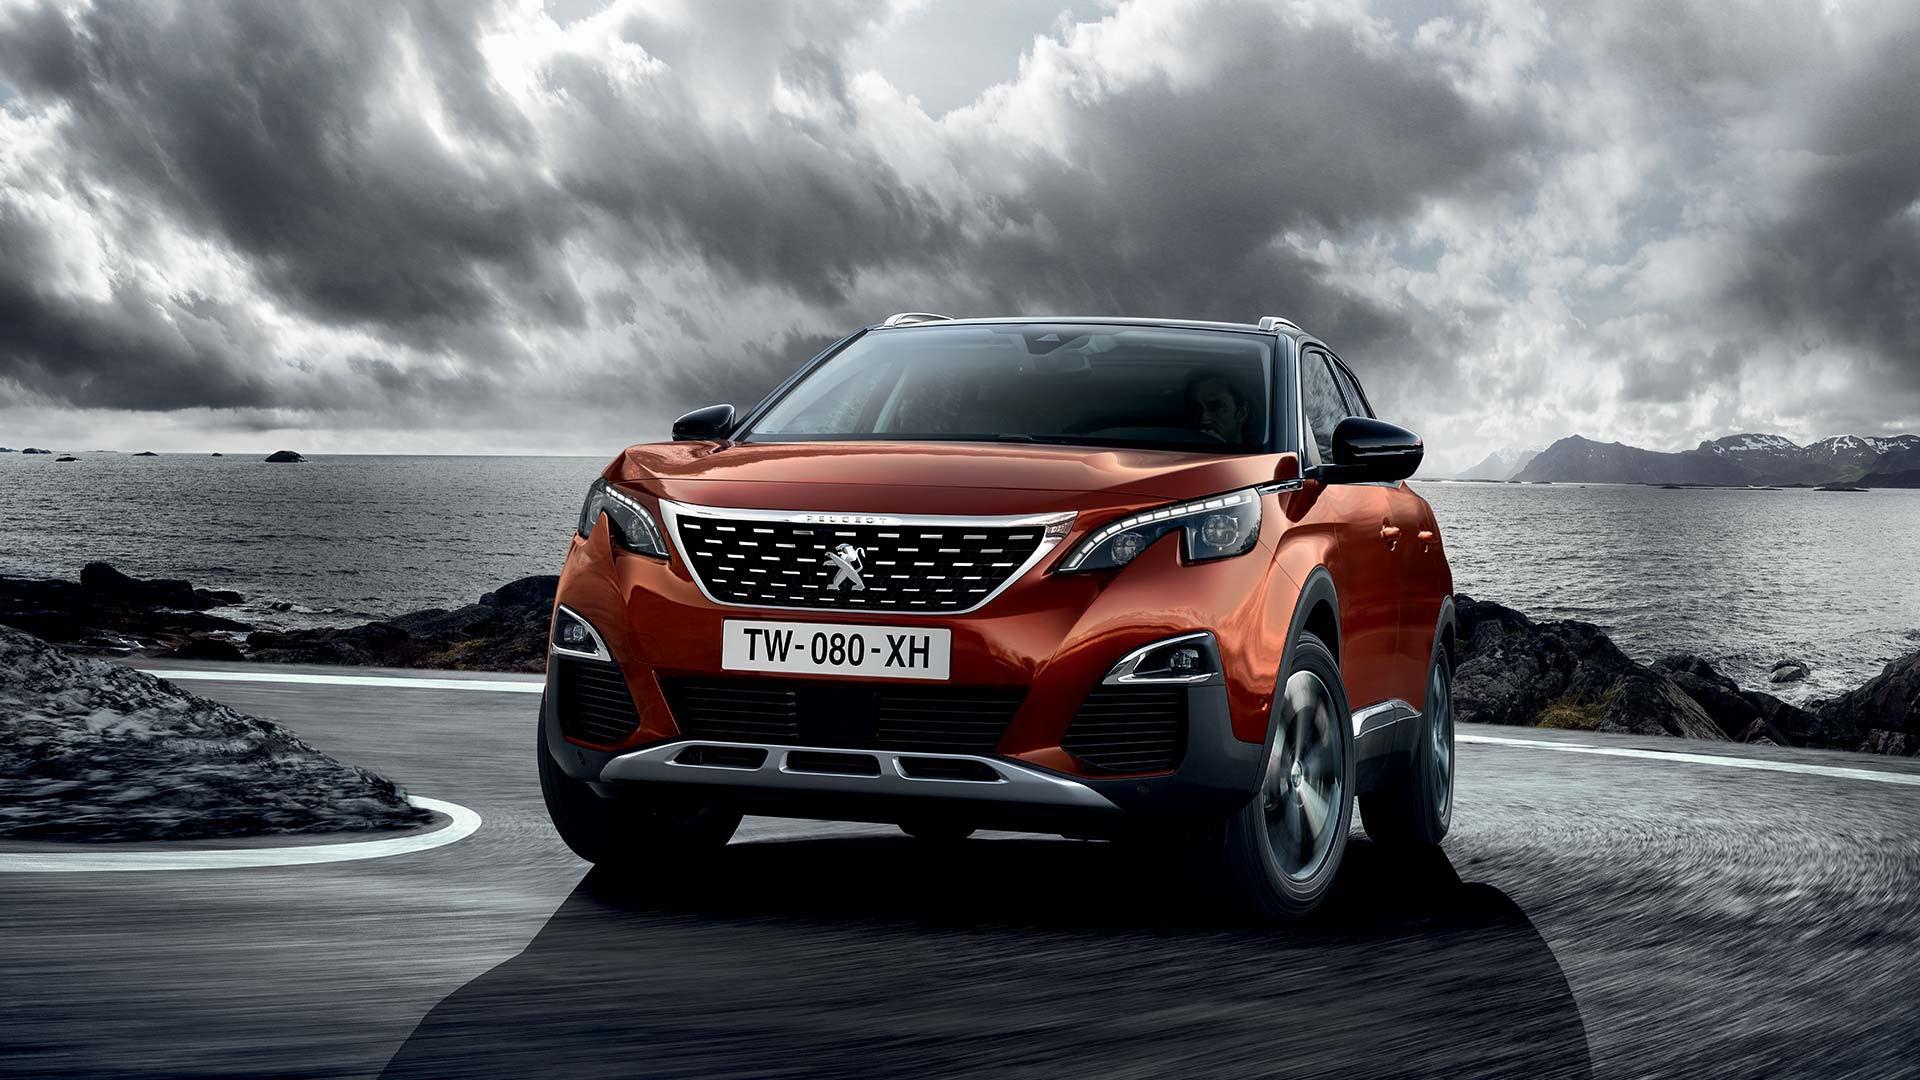 ¿Por qué no deberías perderte el nuevo SUV Peugeot 3008?